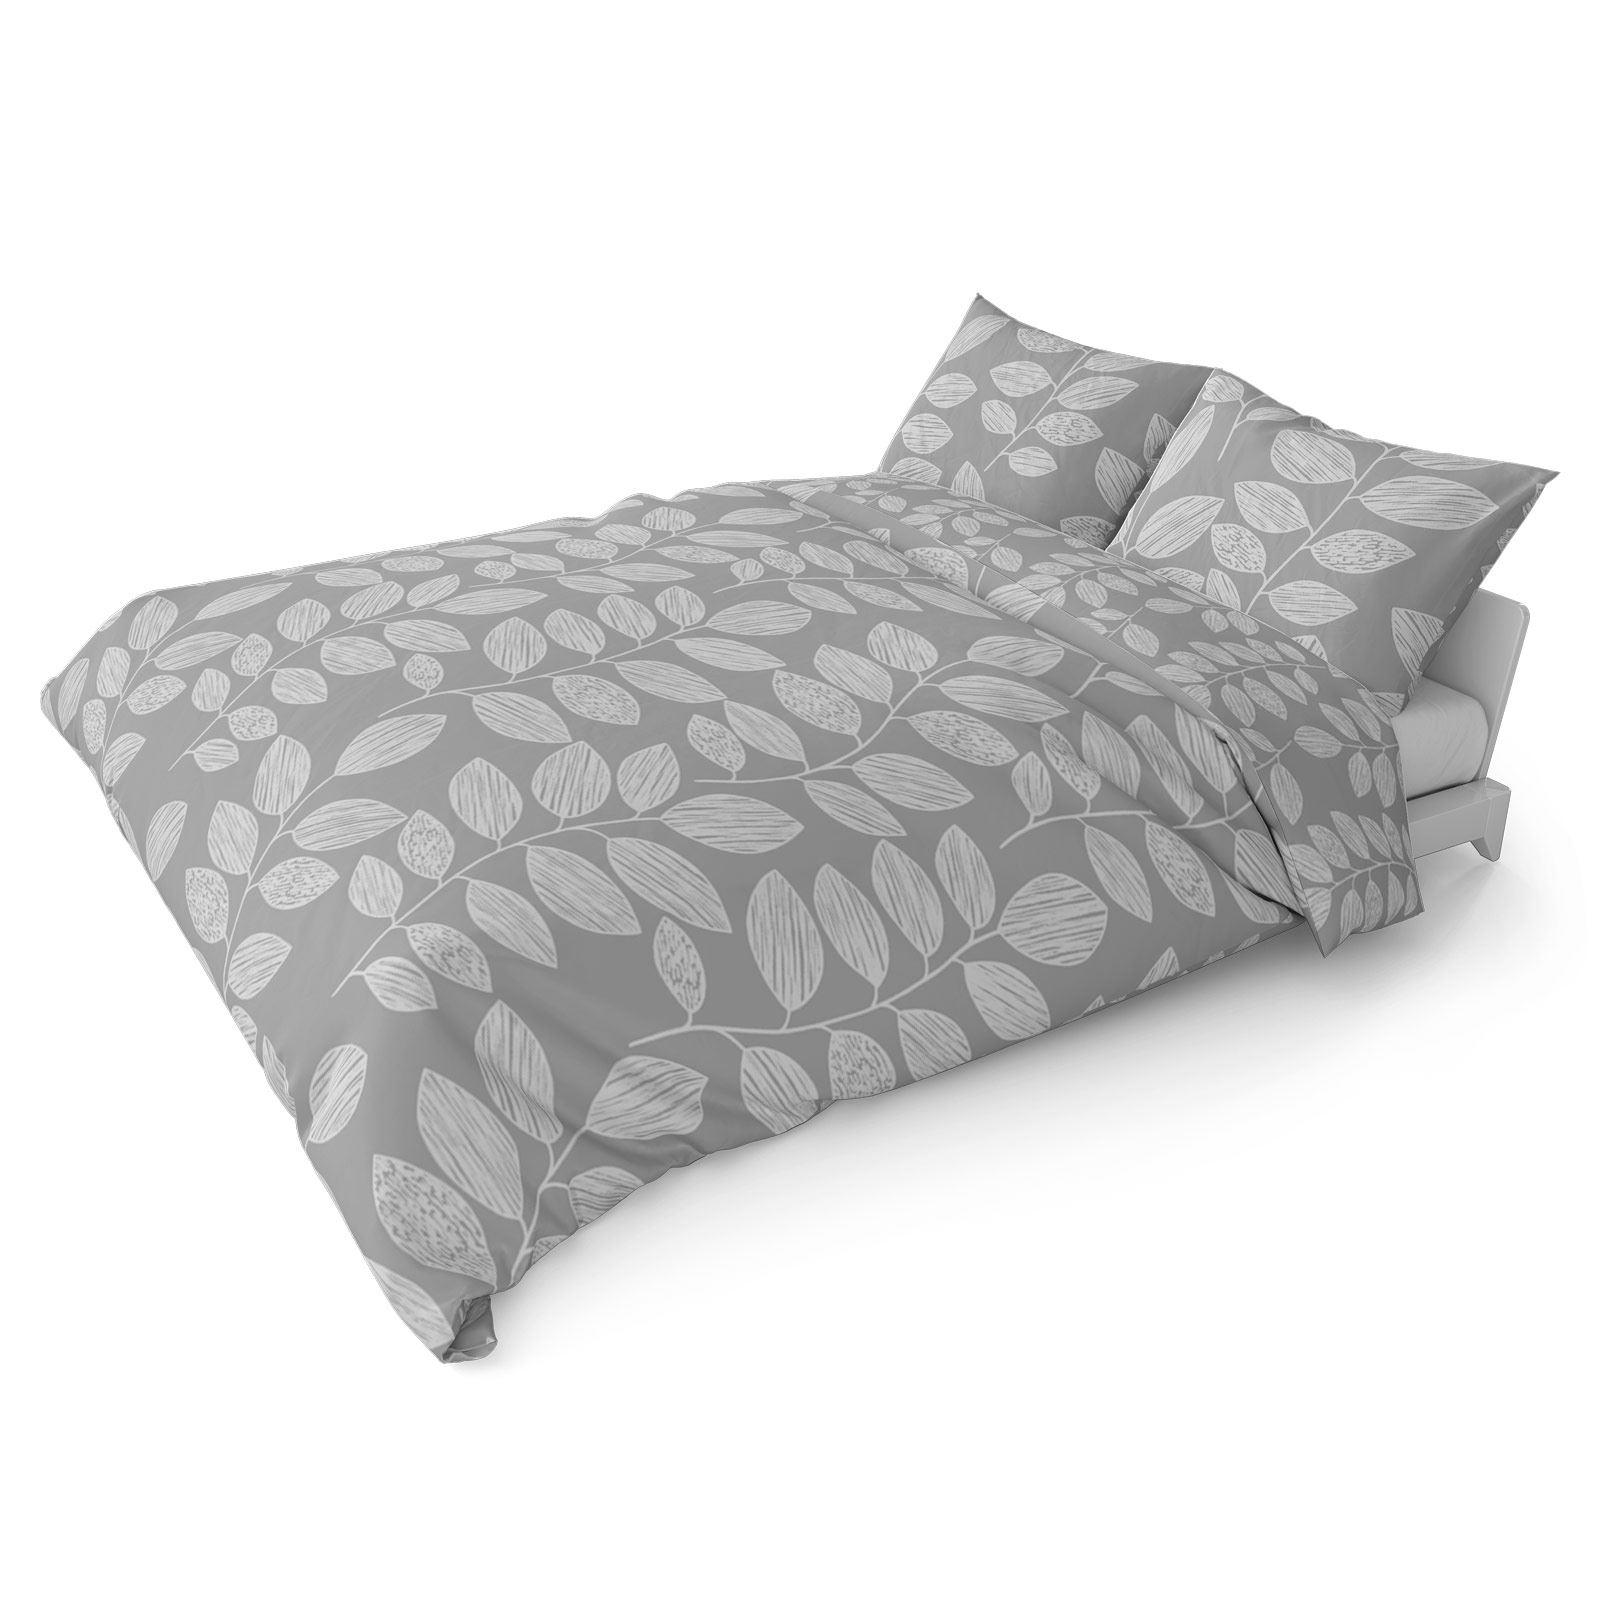 Grigio-Argento-Copripiumino-Stampato-Jacquard-Quilt-Set-Set-di-biancheria-da-letto-copre miniatura 17